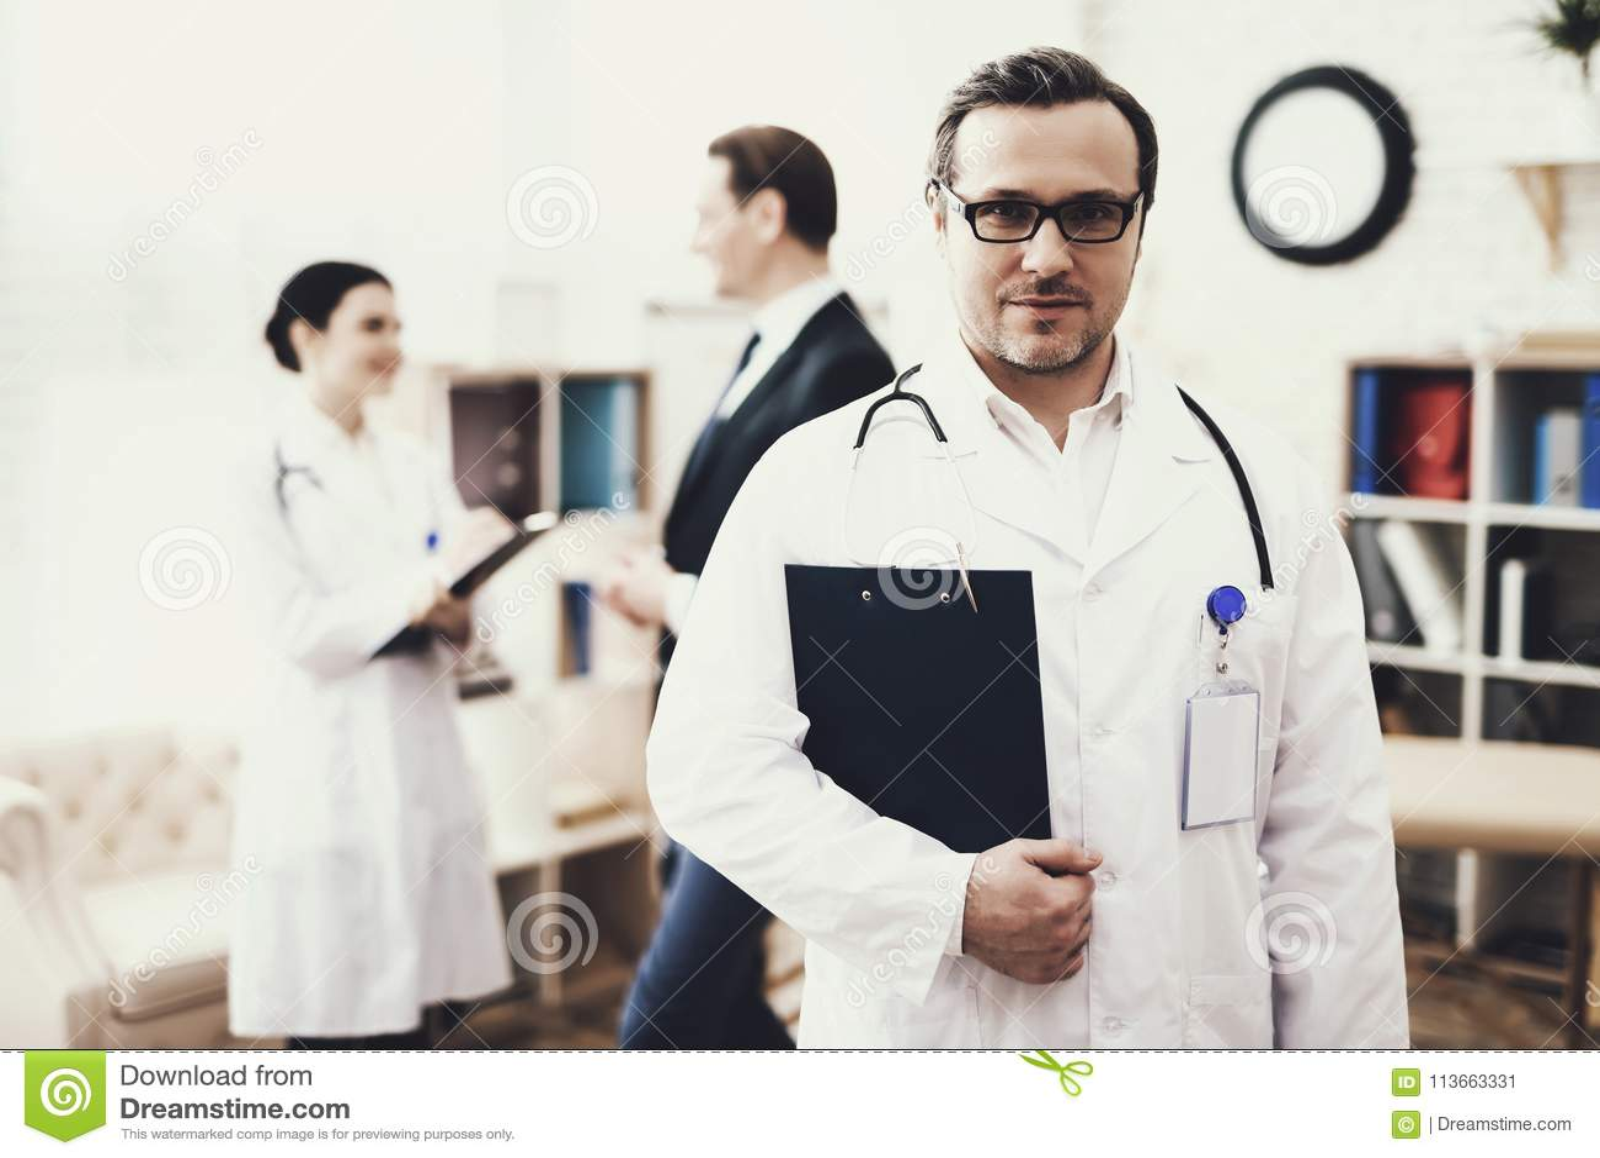 Erfahrener Doktor mit Stethoskop steht mit Ordner von Dokumenten Genesungskonzept